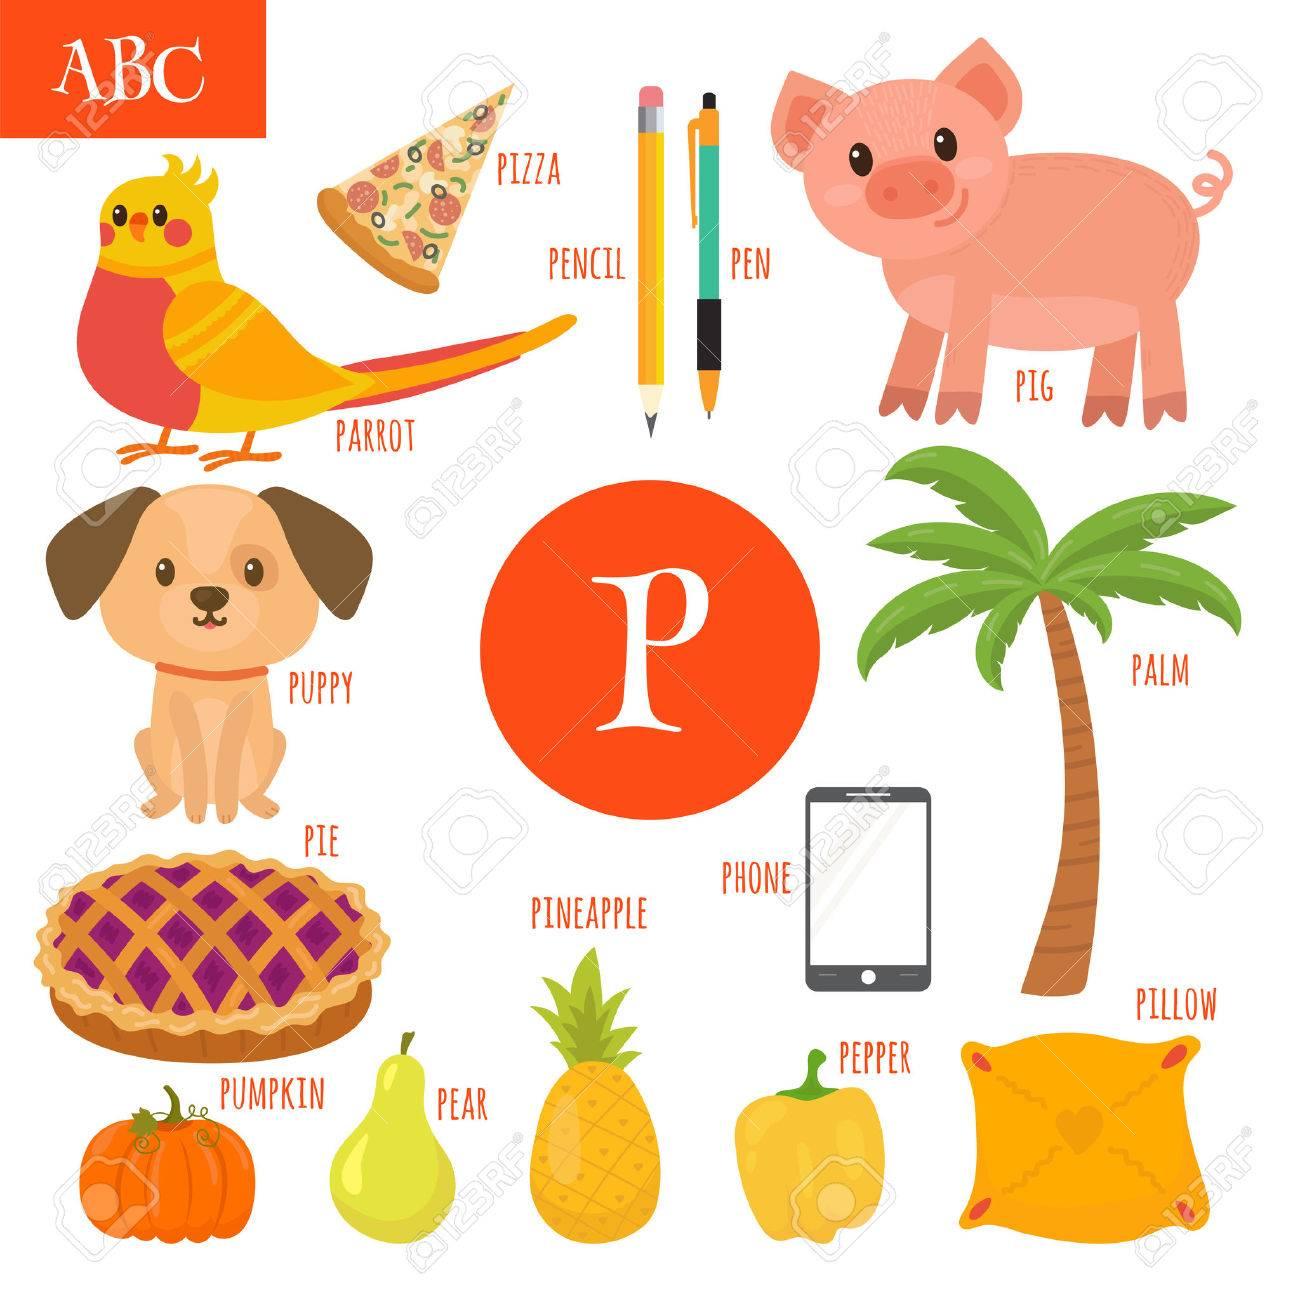 Letter P Cartoon Alphabet For Children Pear Pig Pen Pencil